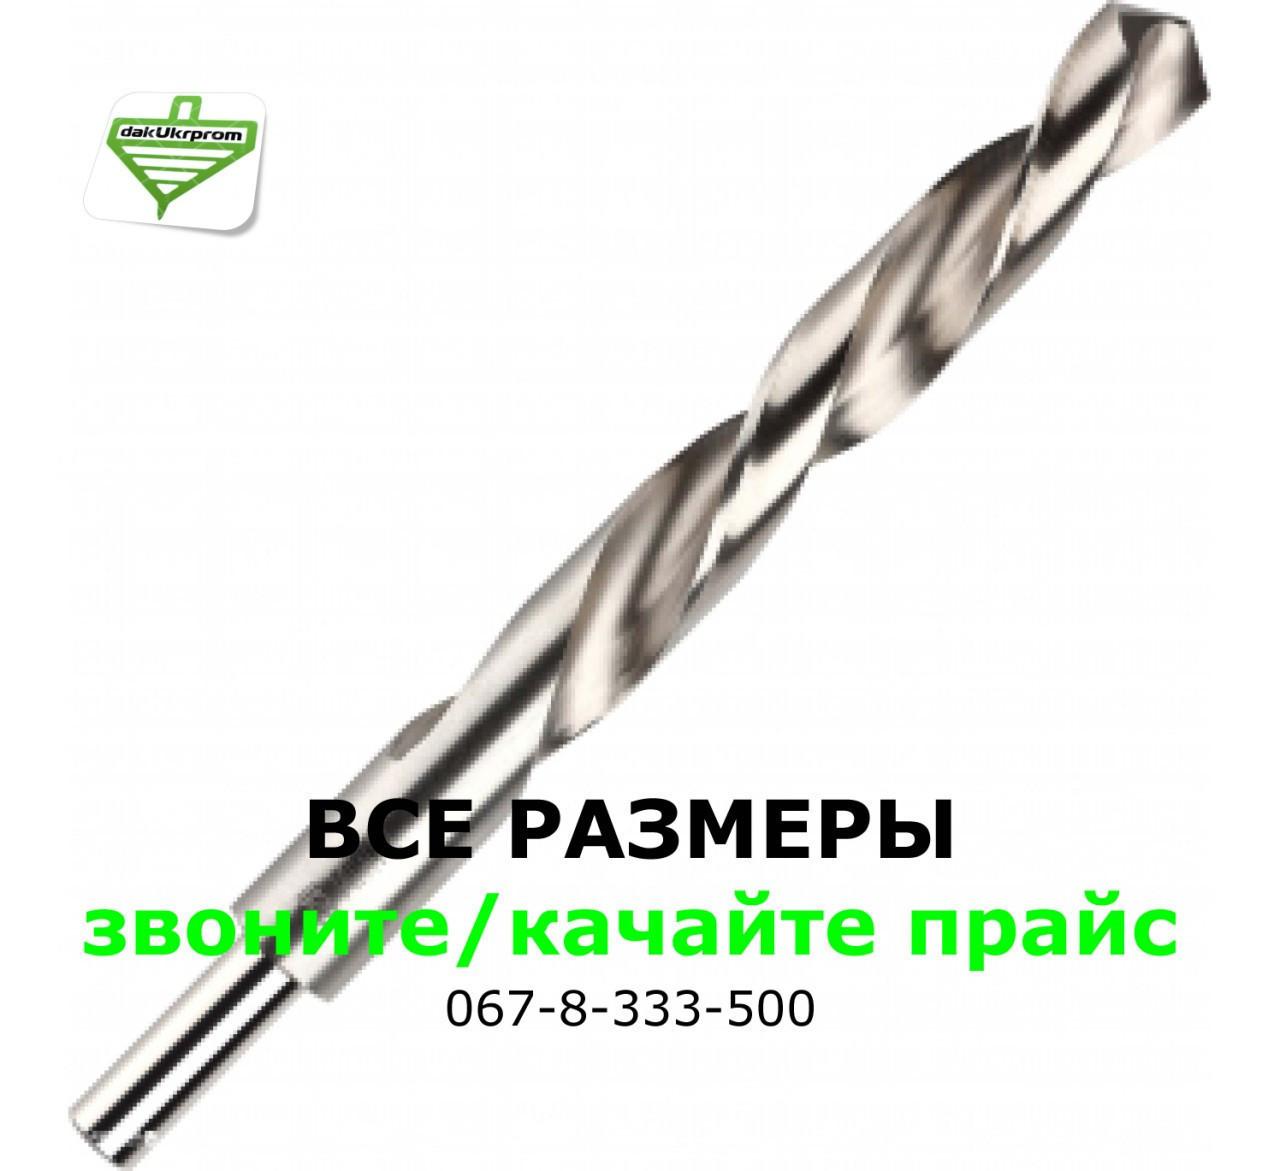 Сверло по металлу Р6М5 5.8 мм ц/х